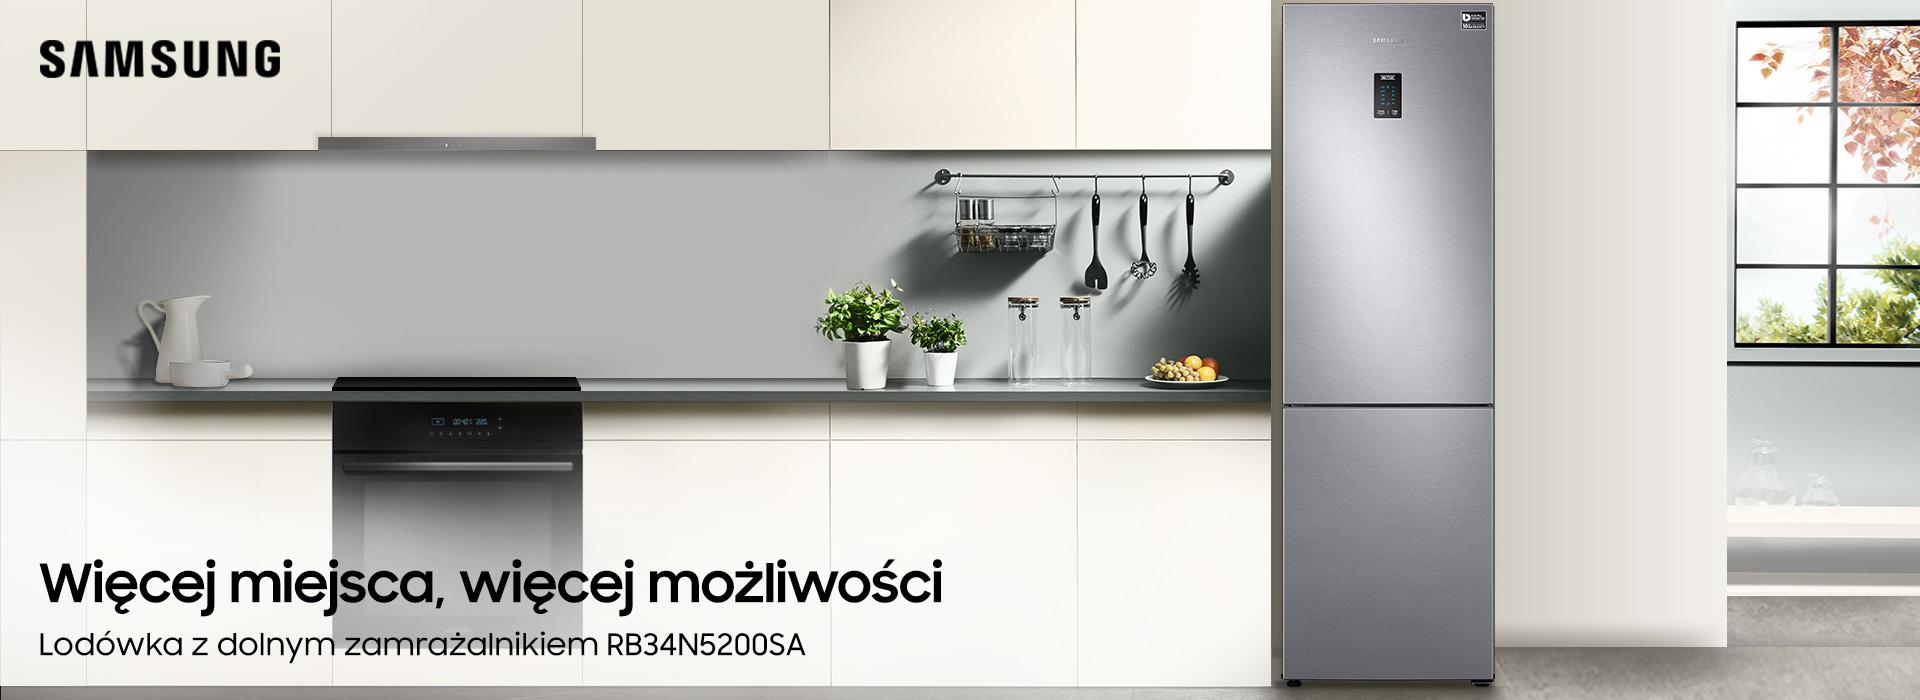 Samsung Lodowka 629 Kv 1920